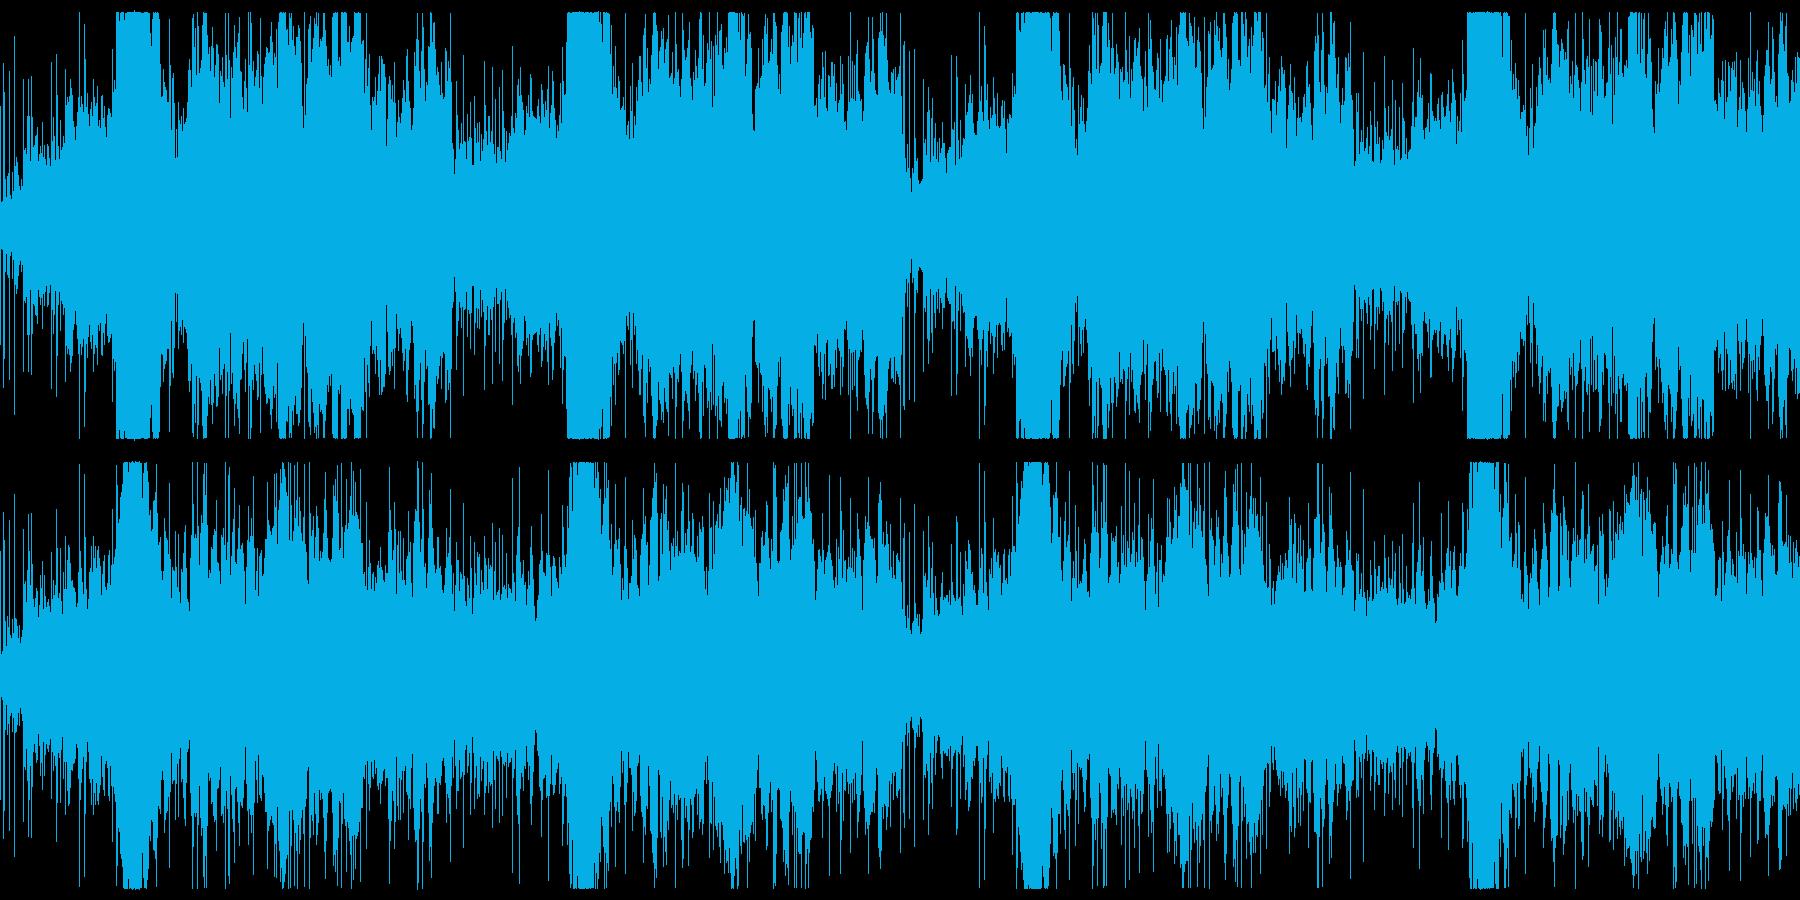 ジャングル・アフリカ系のアンビエント曲の再生済みの波形